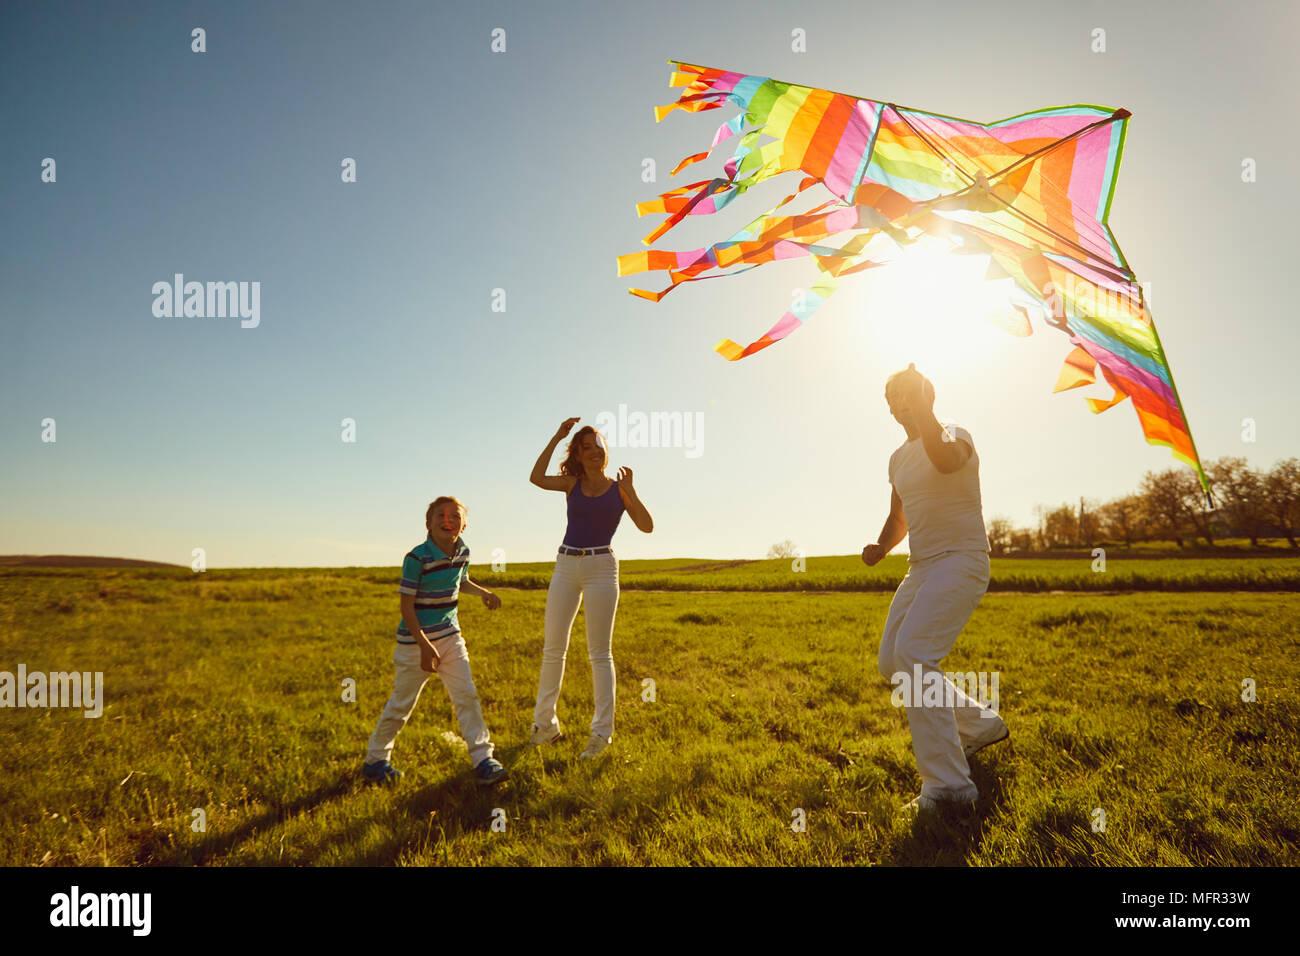 La famiglia felice a giocare con un aquilone sulla natura in primavera, d'estate. Immagini Stock